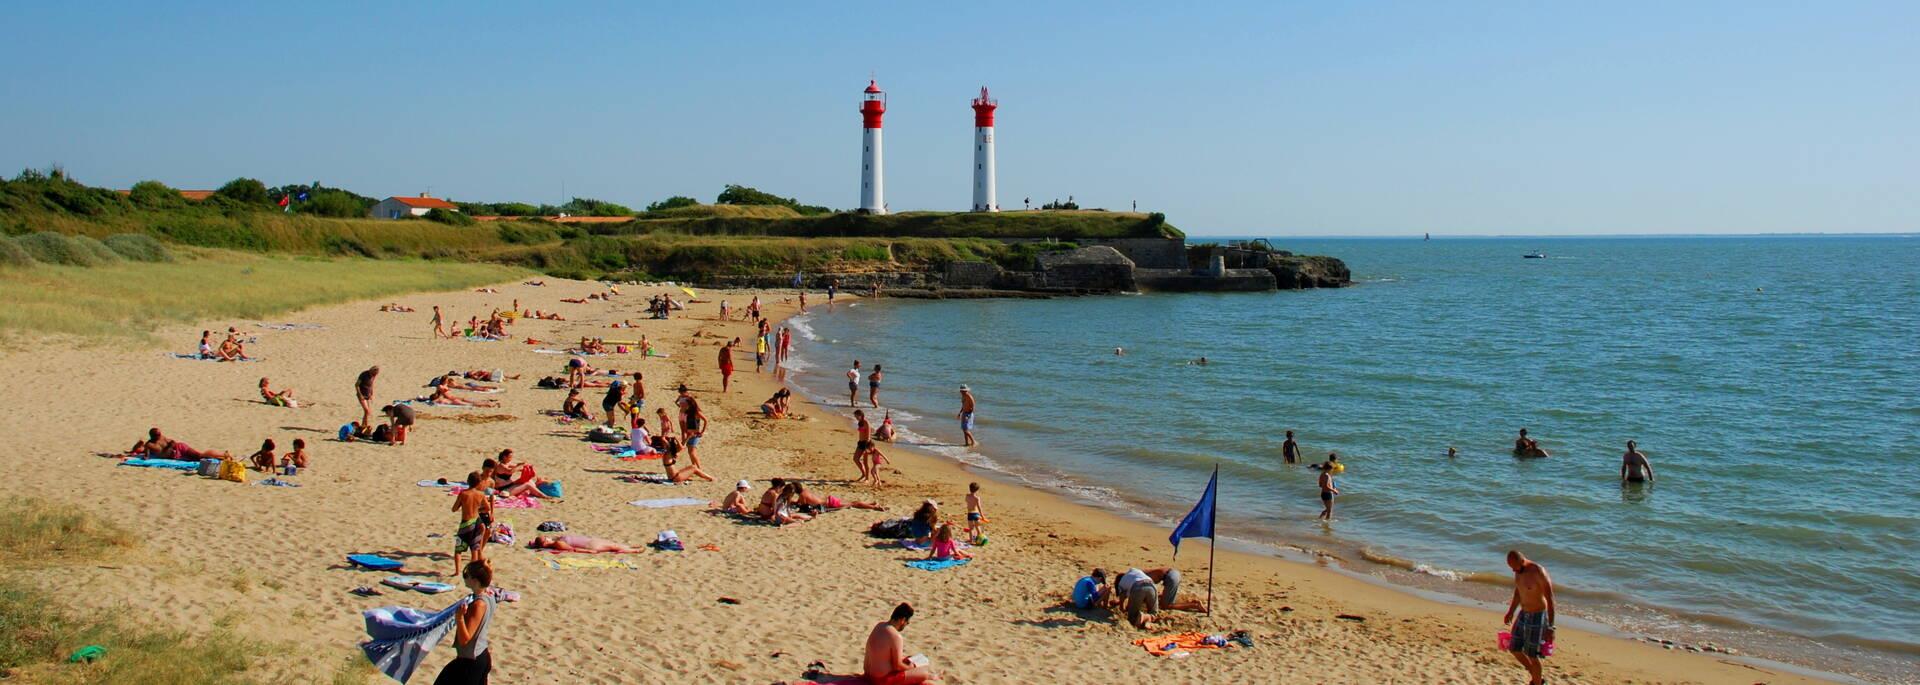 Baignade à la plage de l'anse de La Croix à l'île d'Aix - © Rodrigue Roux